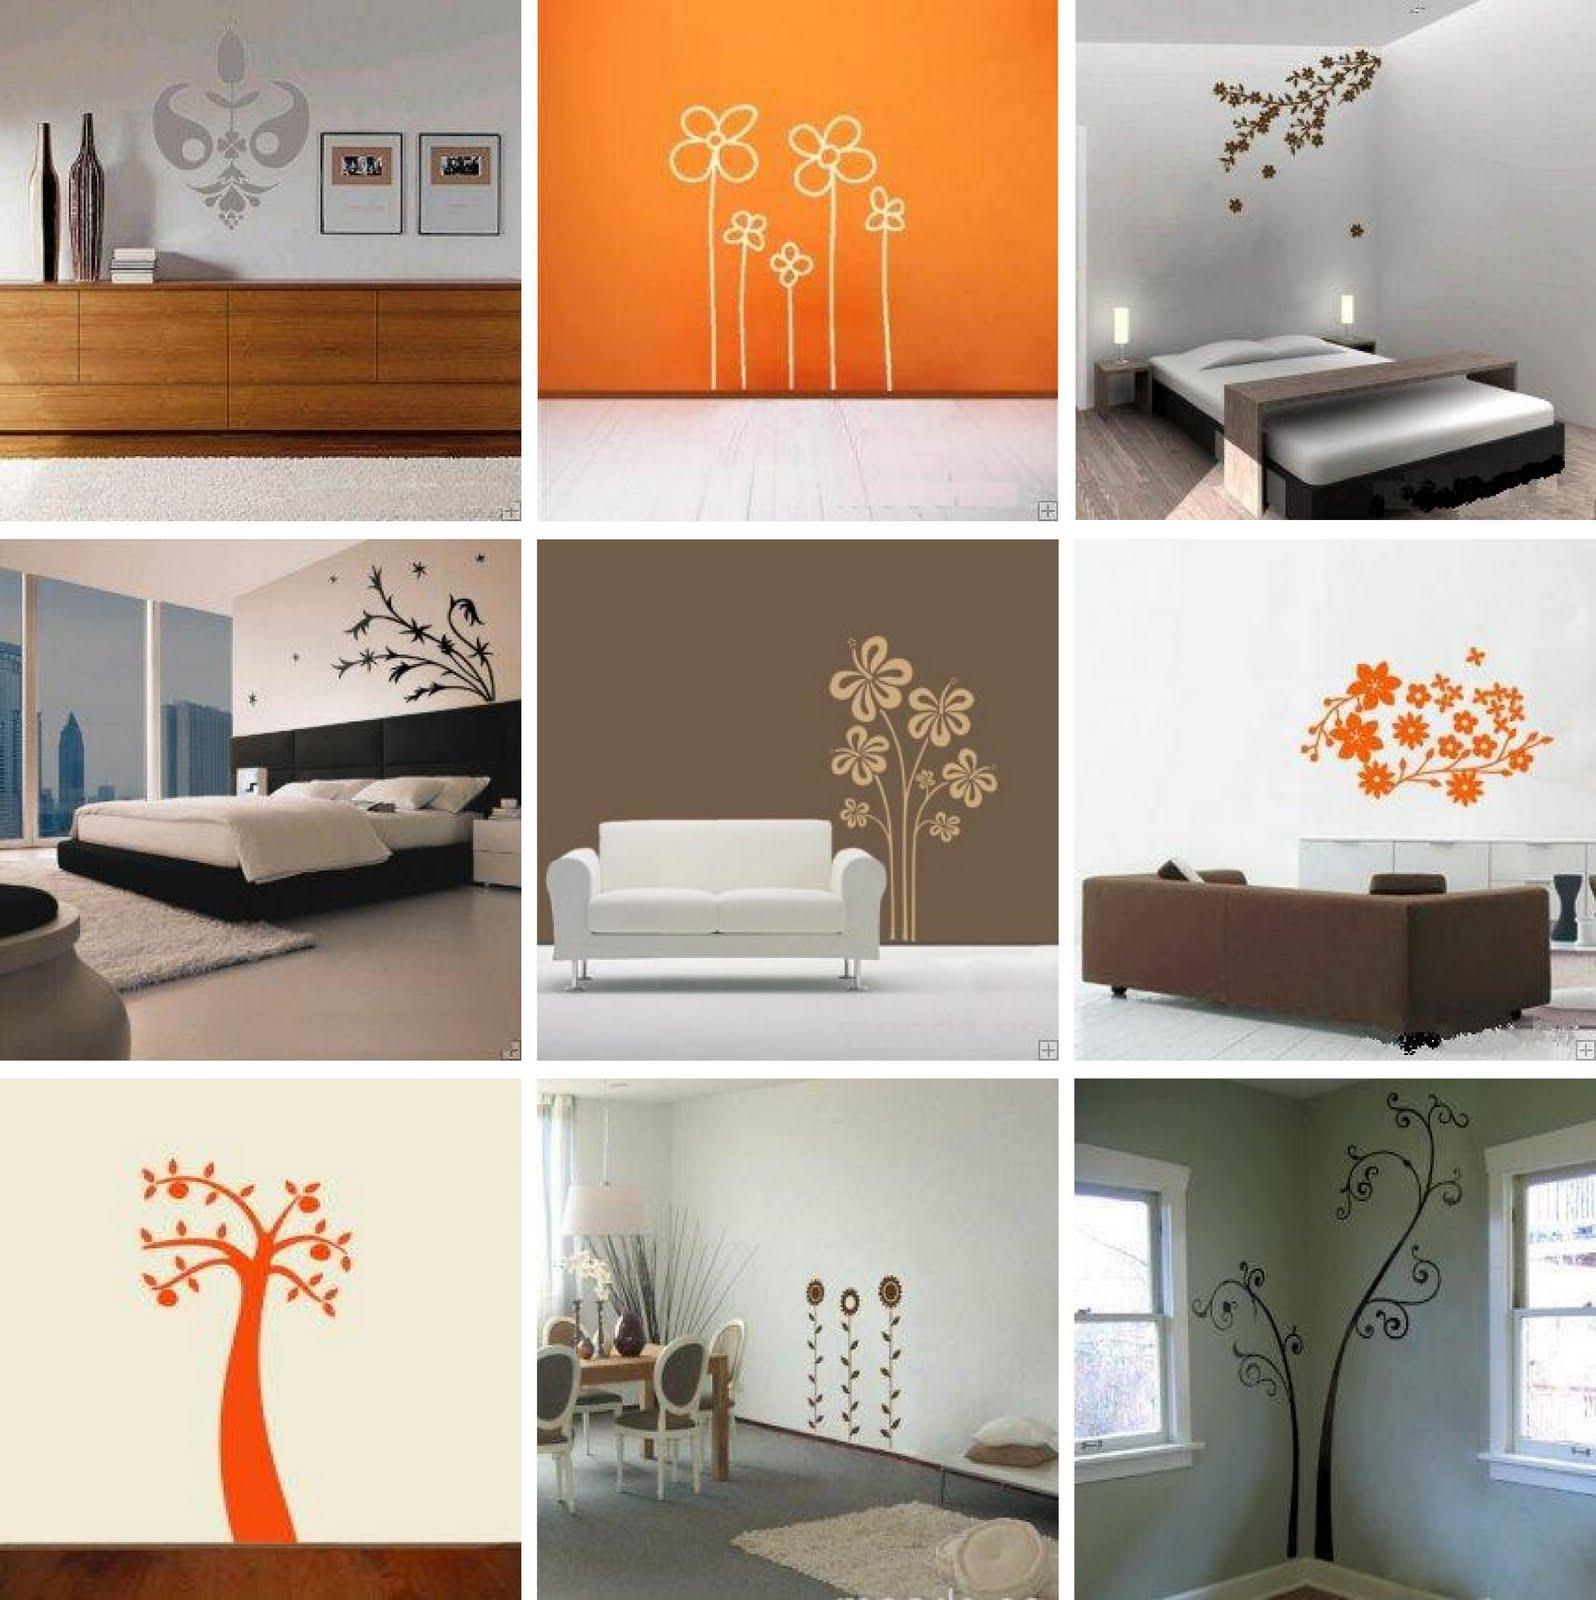 By vinilos decorativos naturalesa for Donde encontrar vinilos decorativos